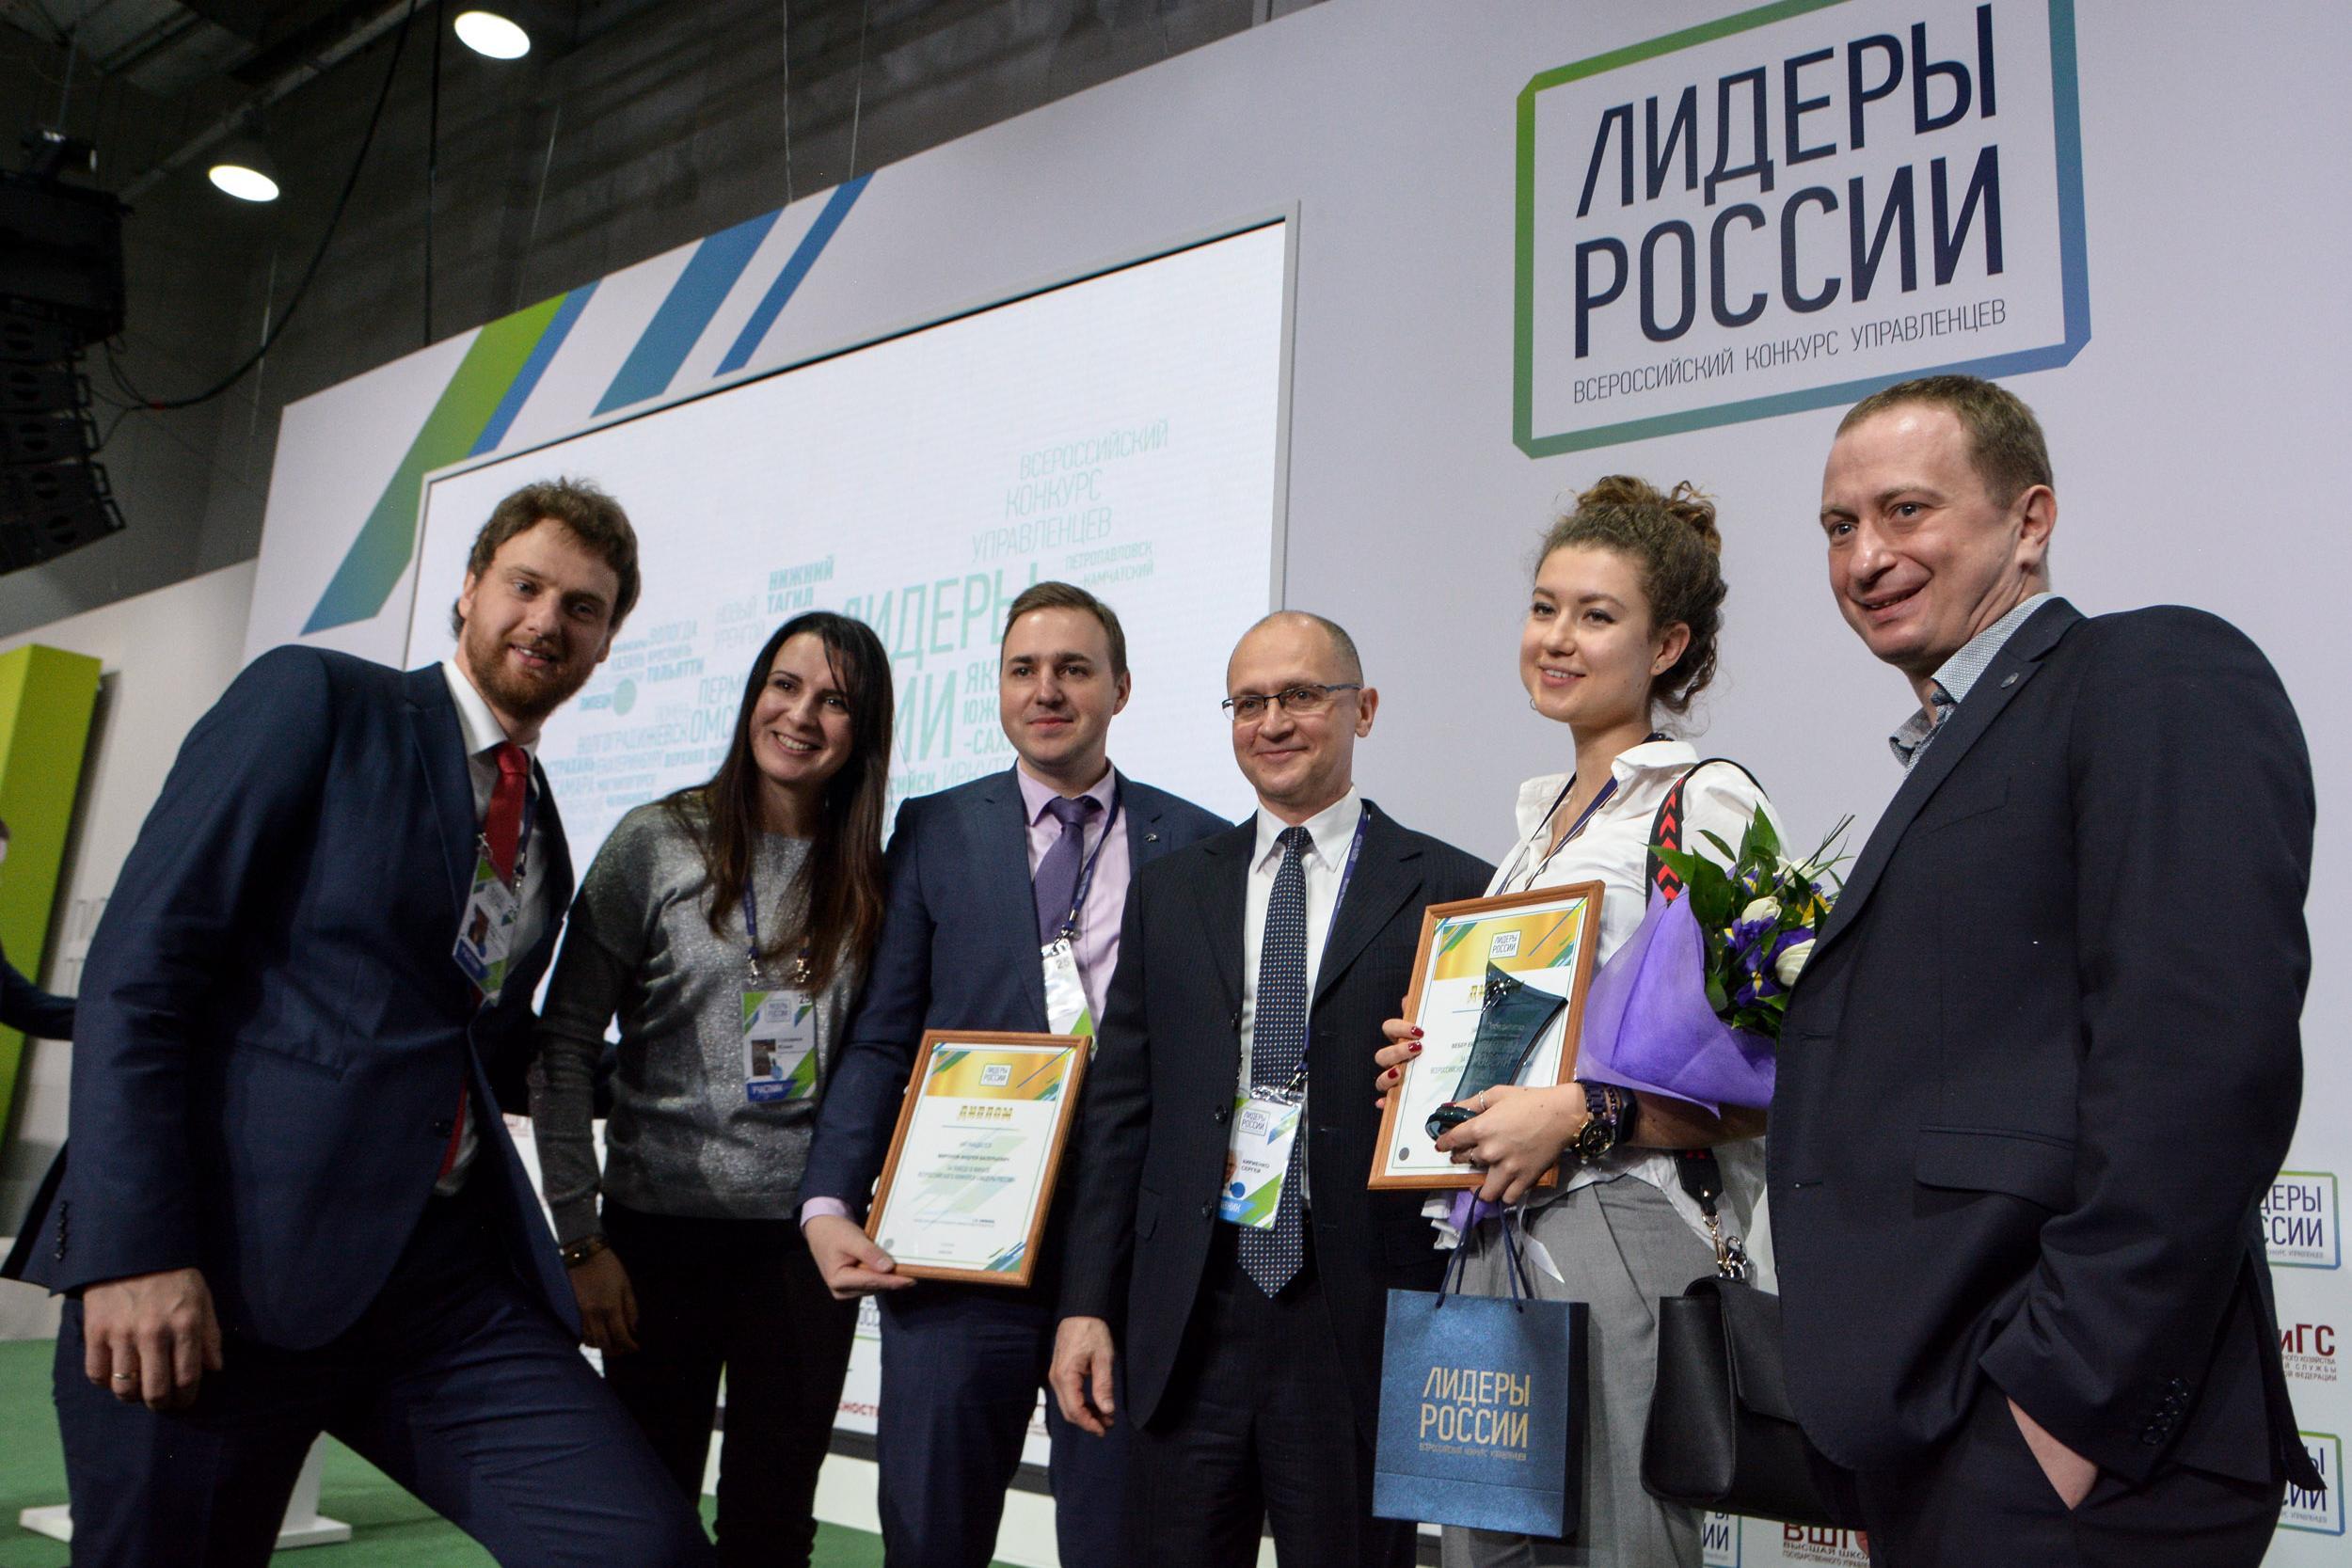 некоторыми видами всероссийский конкурс фотографии дельтакредит ой-?иялыны?, шы?армашылы?